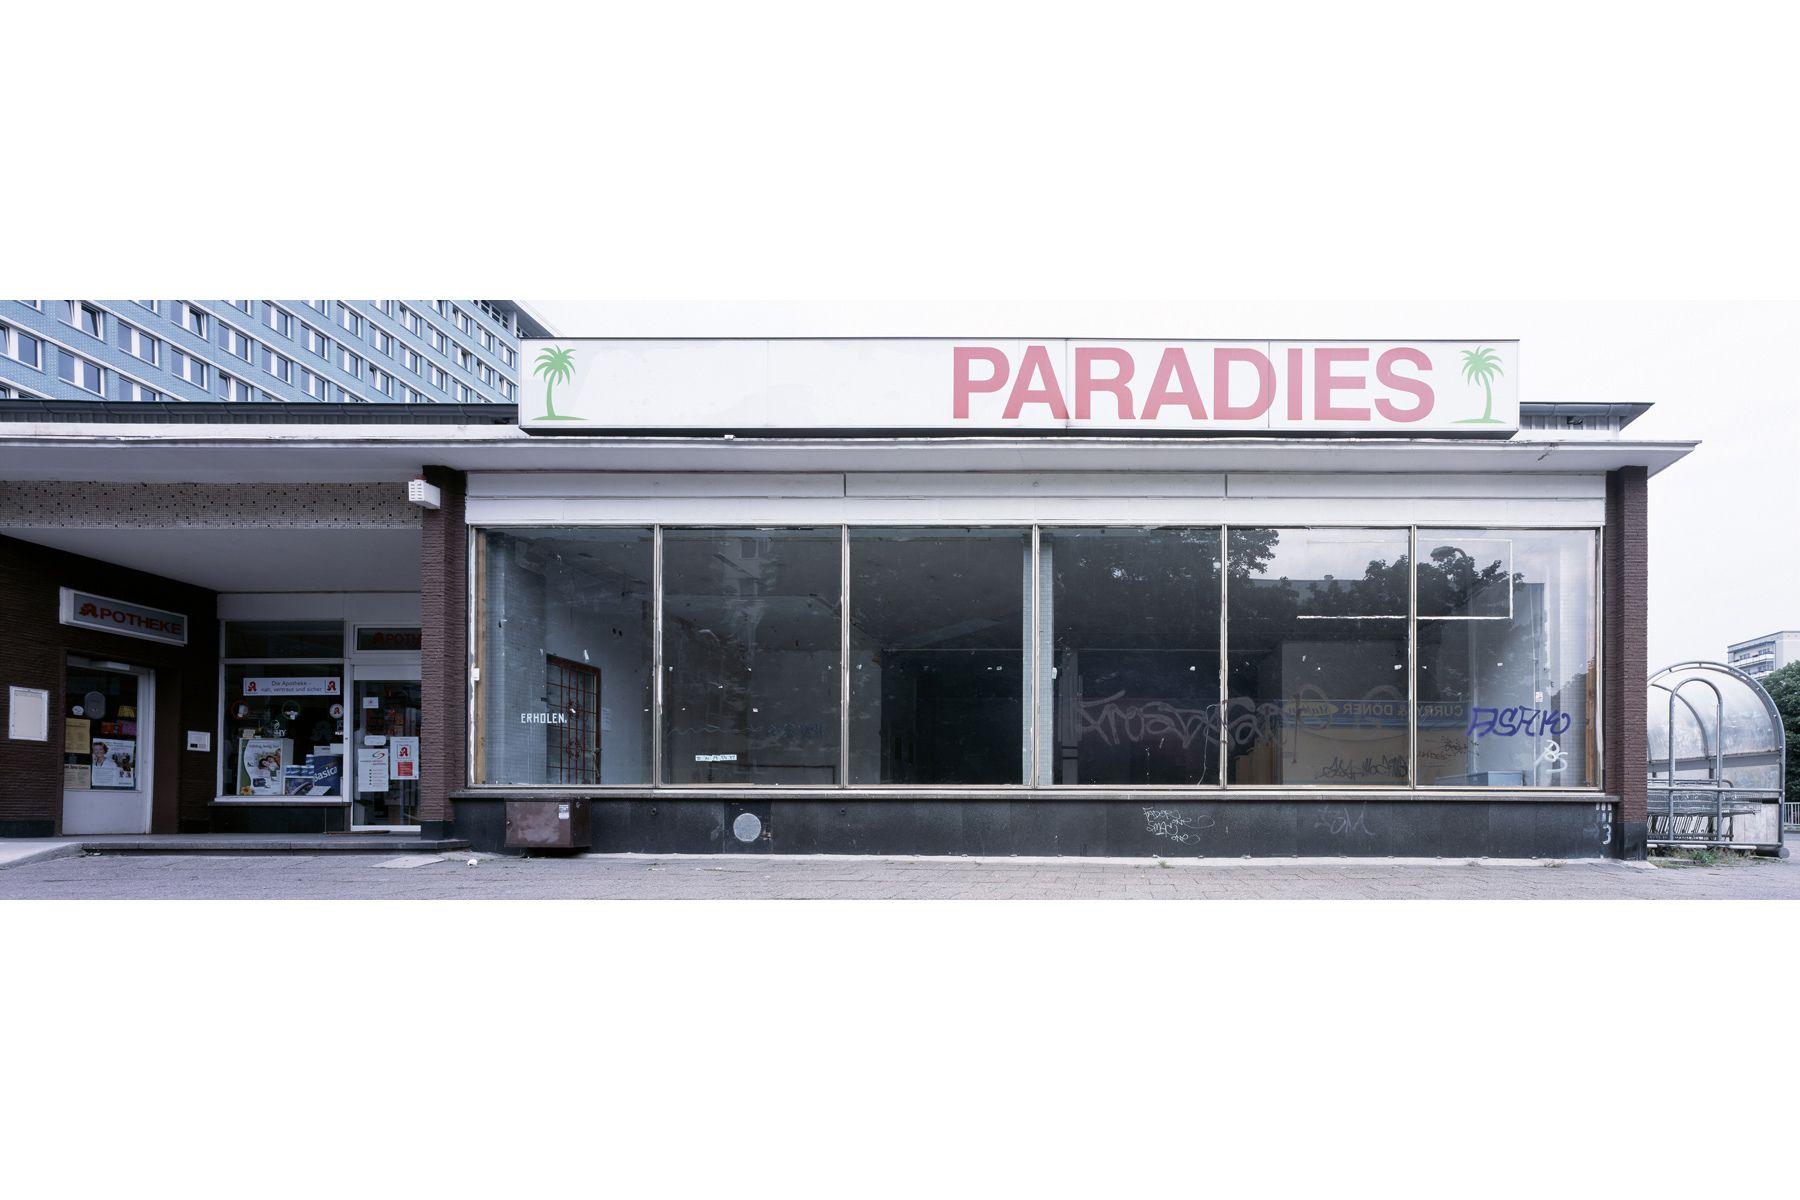 1_0_245_1das_paradies_auf_erden_0011a.jpg